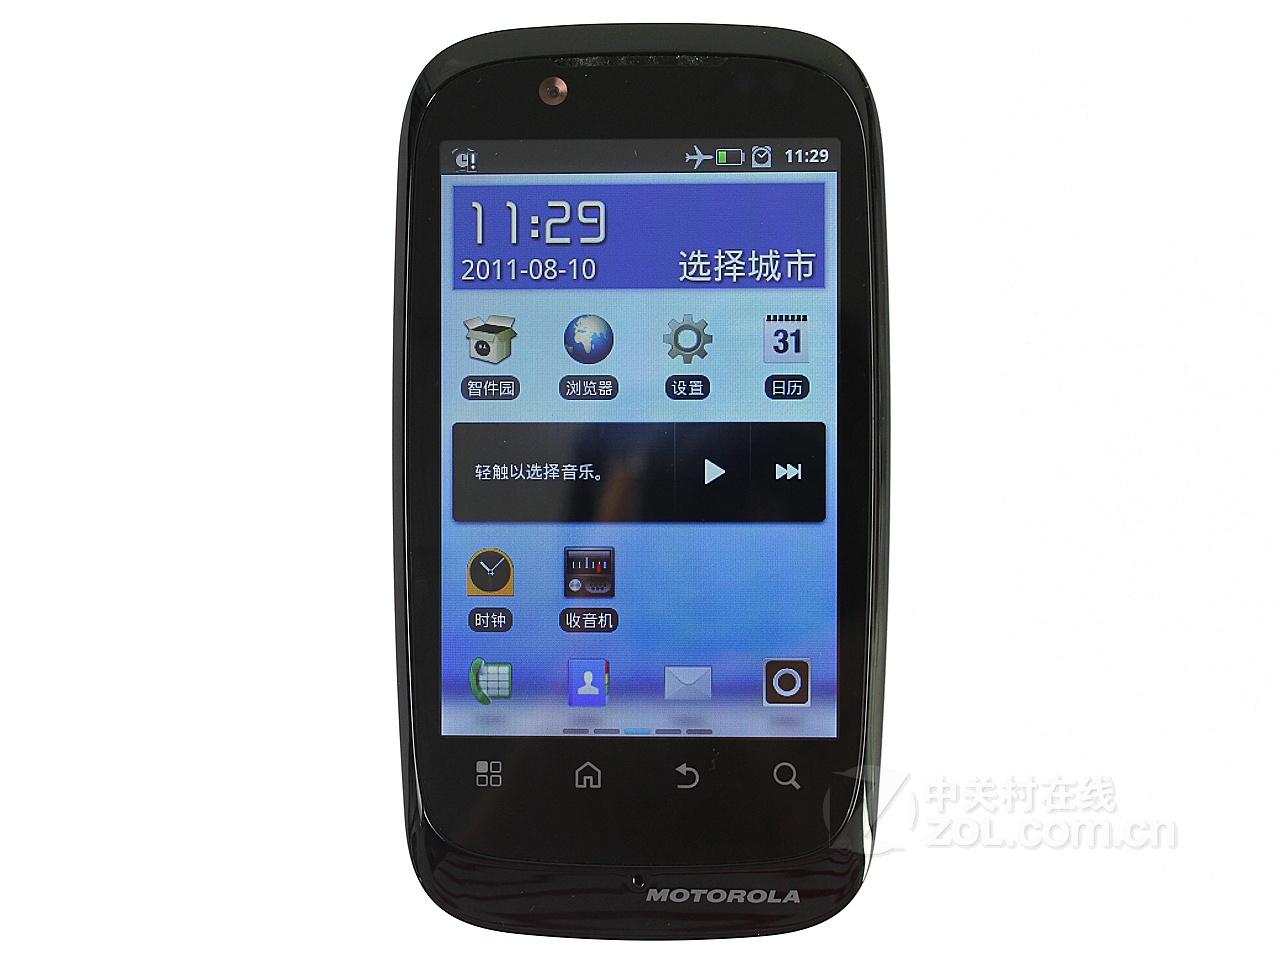 仅售1519元包邮!摩托罗拉XT531 最新3G安卓2.3智能操作系统!正品行货带票保障、极高分辨率电容触屏、支持Wifi、GPS、海量应用软件、白色卖光啦仅剩神彩黑色哦!